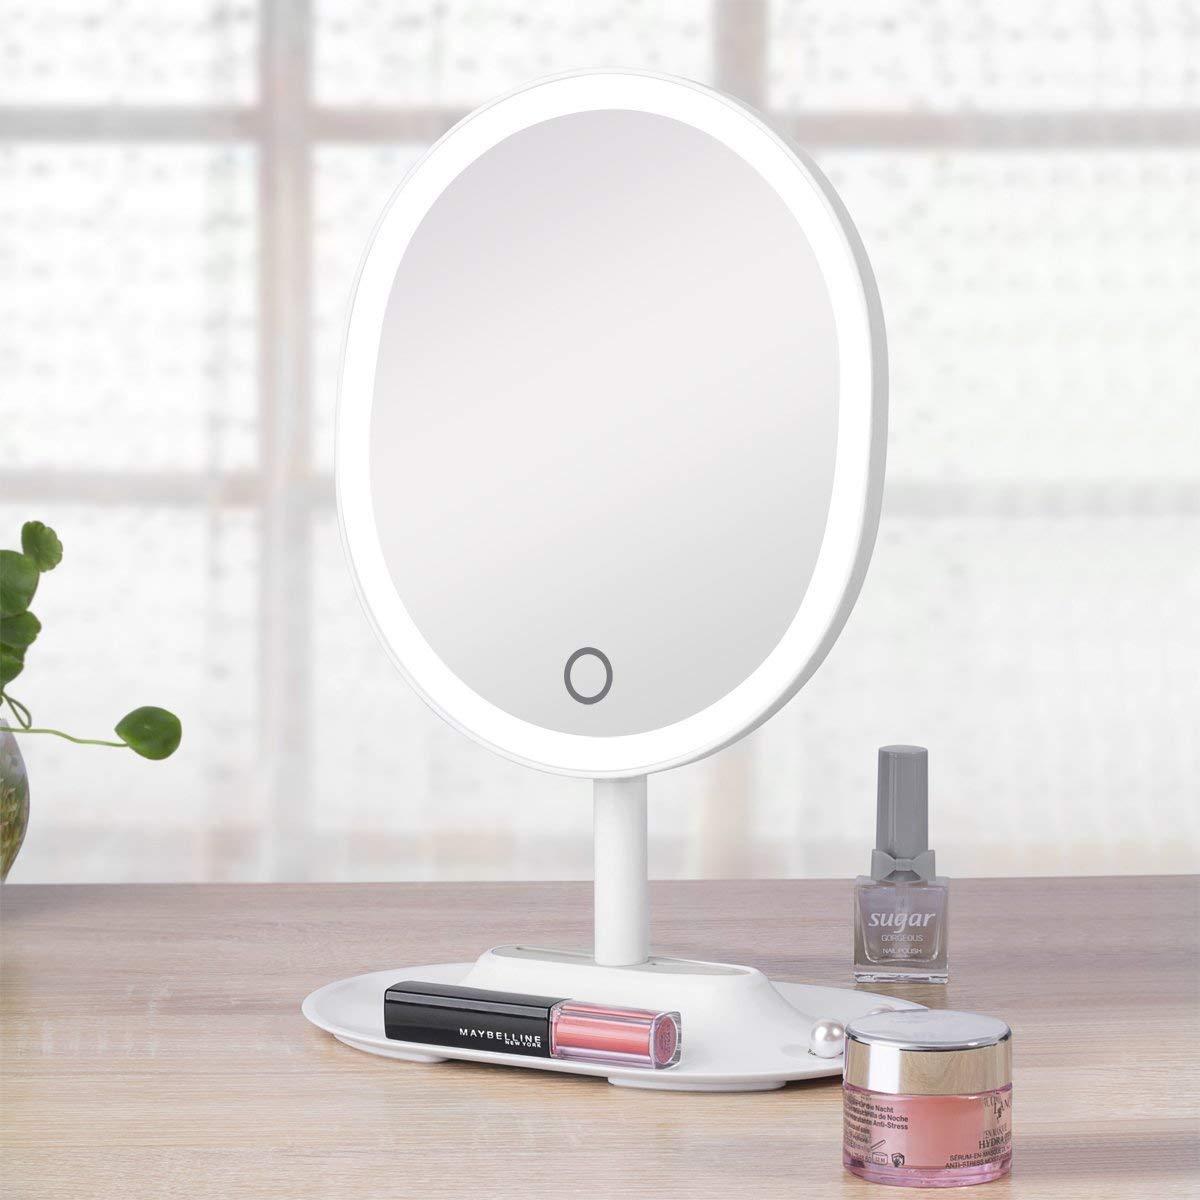 Specchio per Trucco THZY Batteria Ricaricabile Cosmetico LED Illuminazione Schermo Tattile Luci Regolabile Ingradimento 1X / 5X dello specchio di trucco per Trucco, Camera da Letto, Rasatura (Bianco) I900013